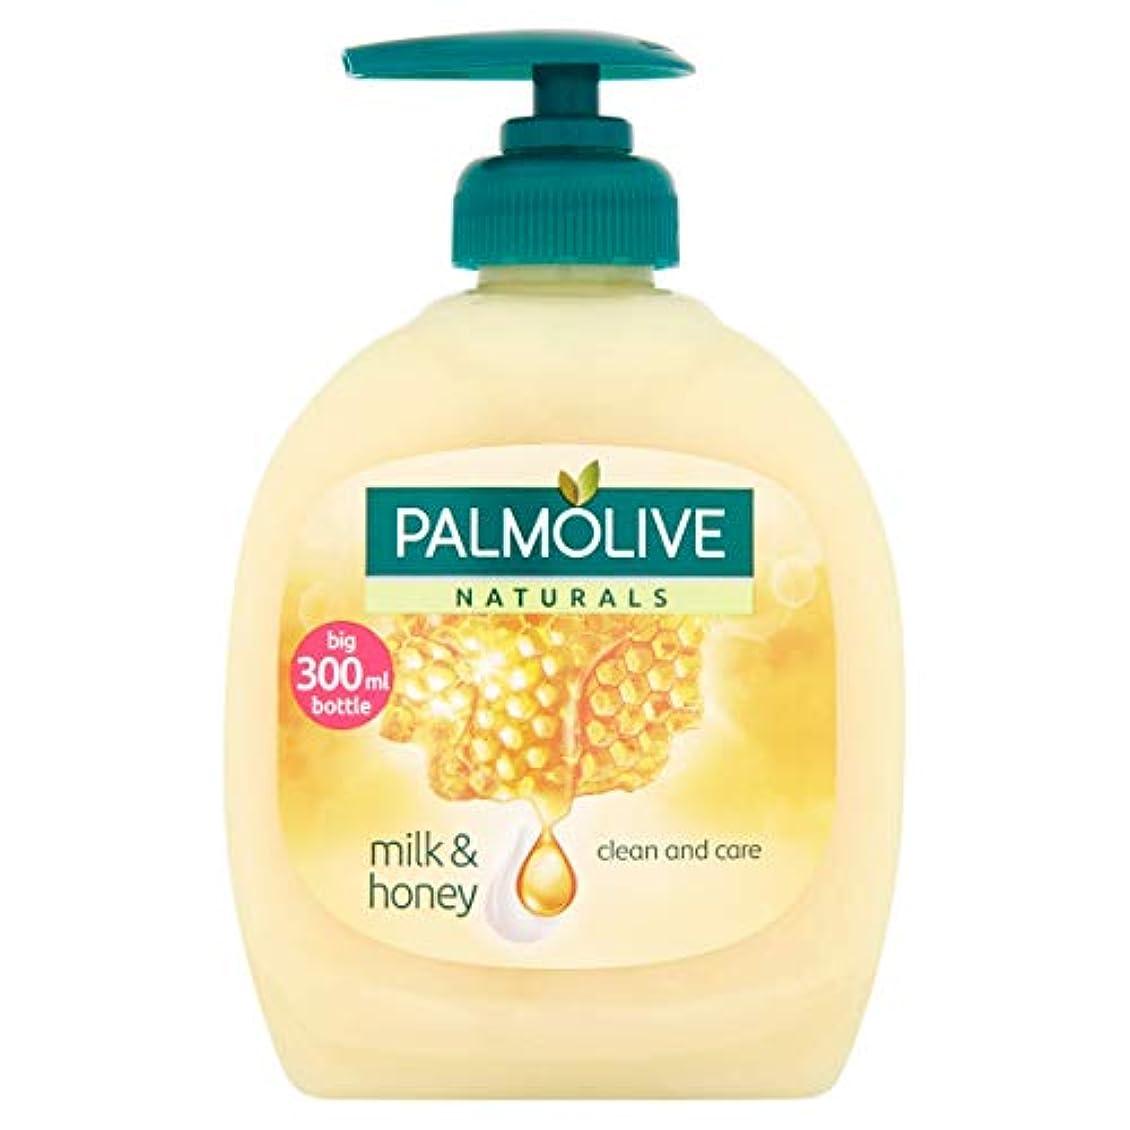 年次さらに均等にPalmolive Naturals Milk & Honey Liquid Handwash by Palmolive